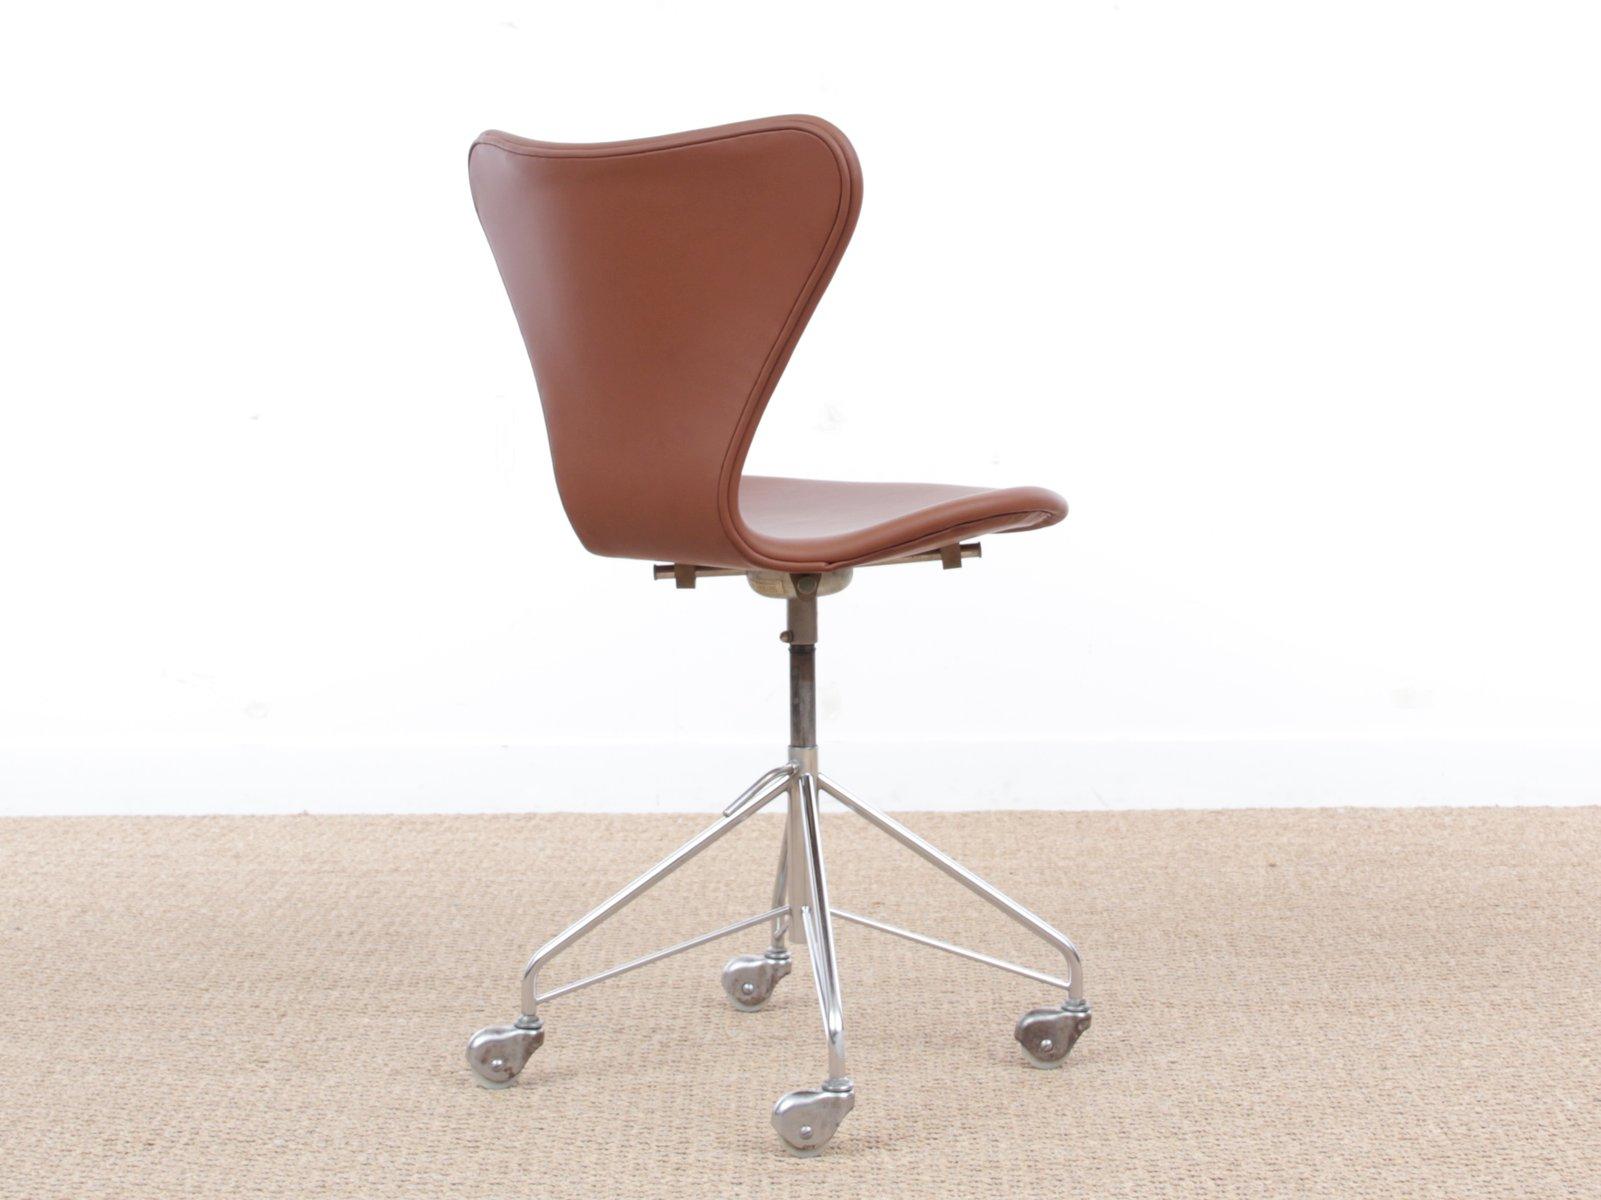 Mid Century Modern Model 3117 Desk Chair By Arne Jacobsen For Fritz Hansen 1969